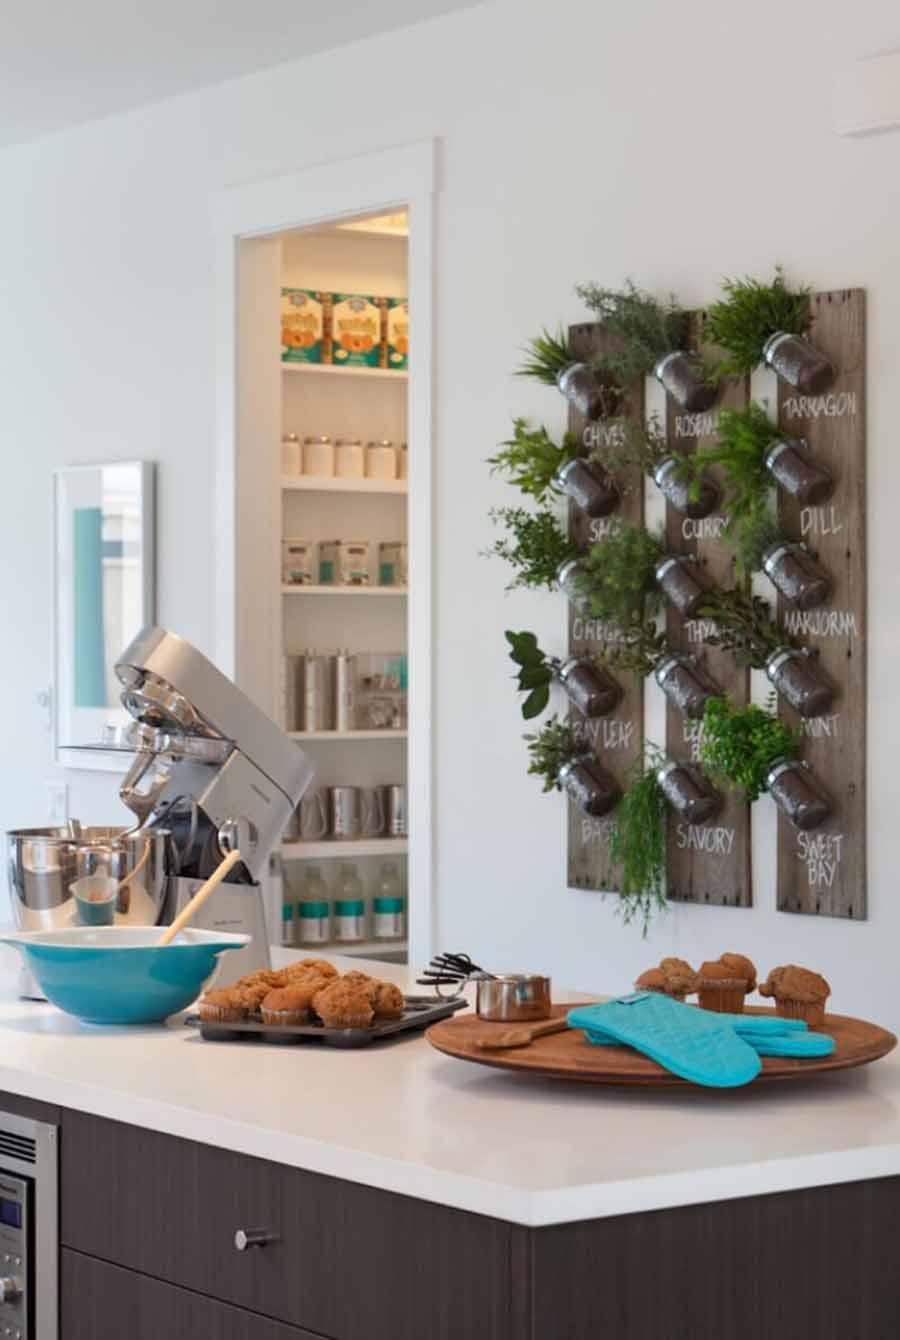 ऐसे में किचन को कूल-कूल बनाने के लिए आप इंडोर प्लांट्स लगा सकते हैं। पौधे सिर्फ वातावरण ही शुद्ध नहीं करते बल्कि घर व किचन को ठंडा रखने में भी मदद करते हैं।